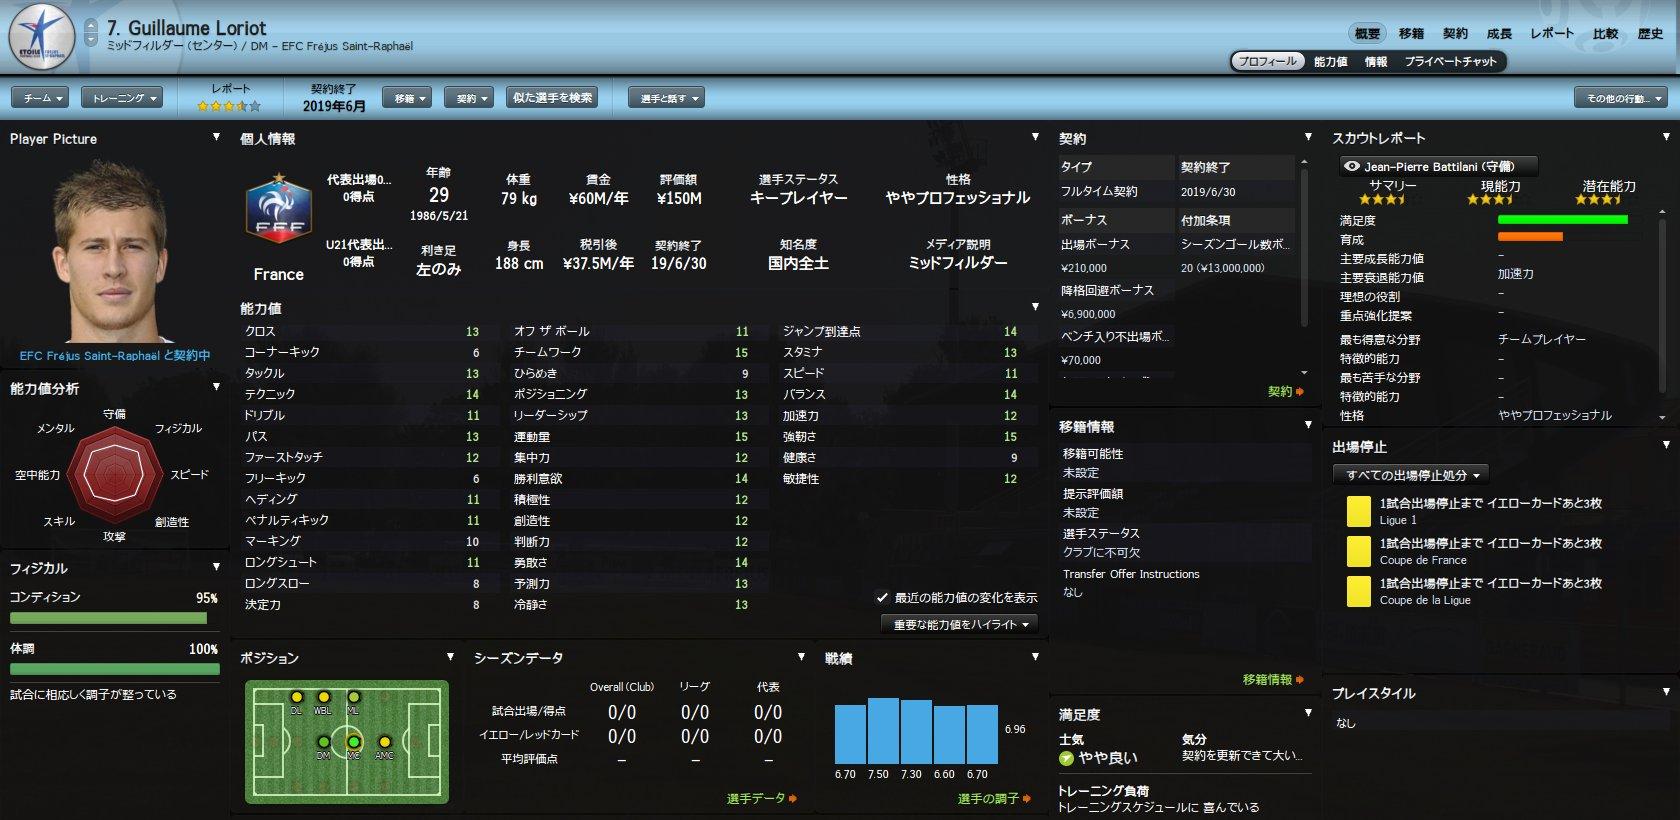 WS003886.jpg